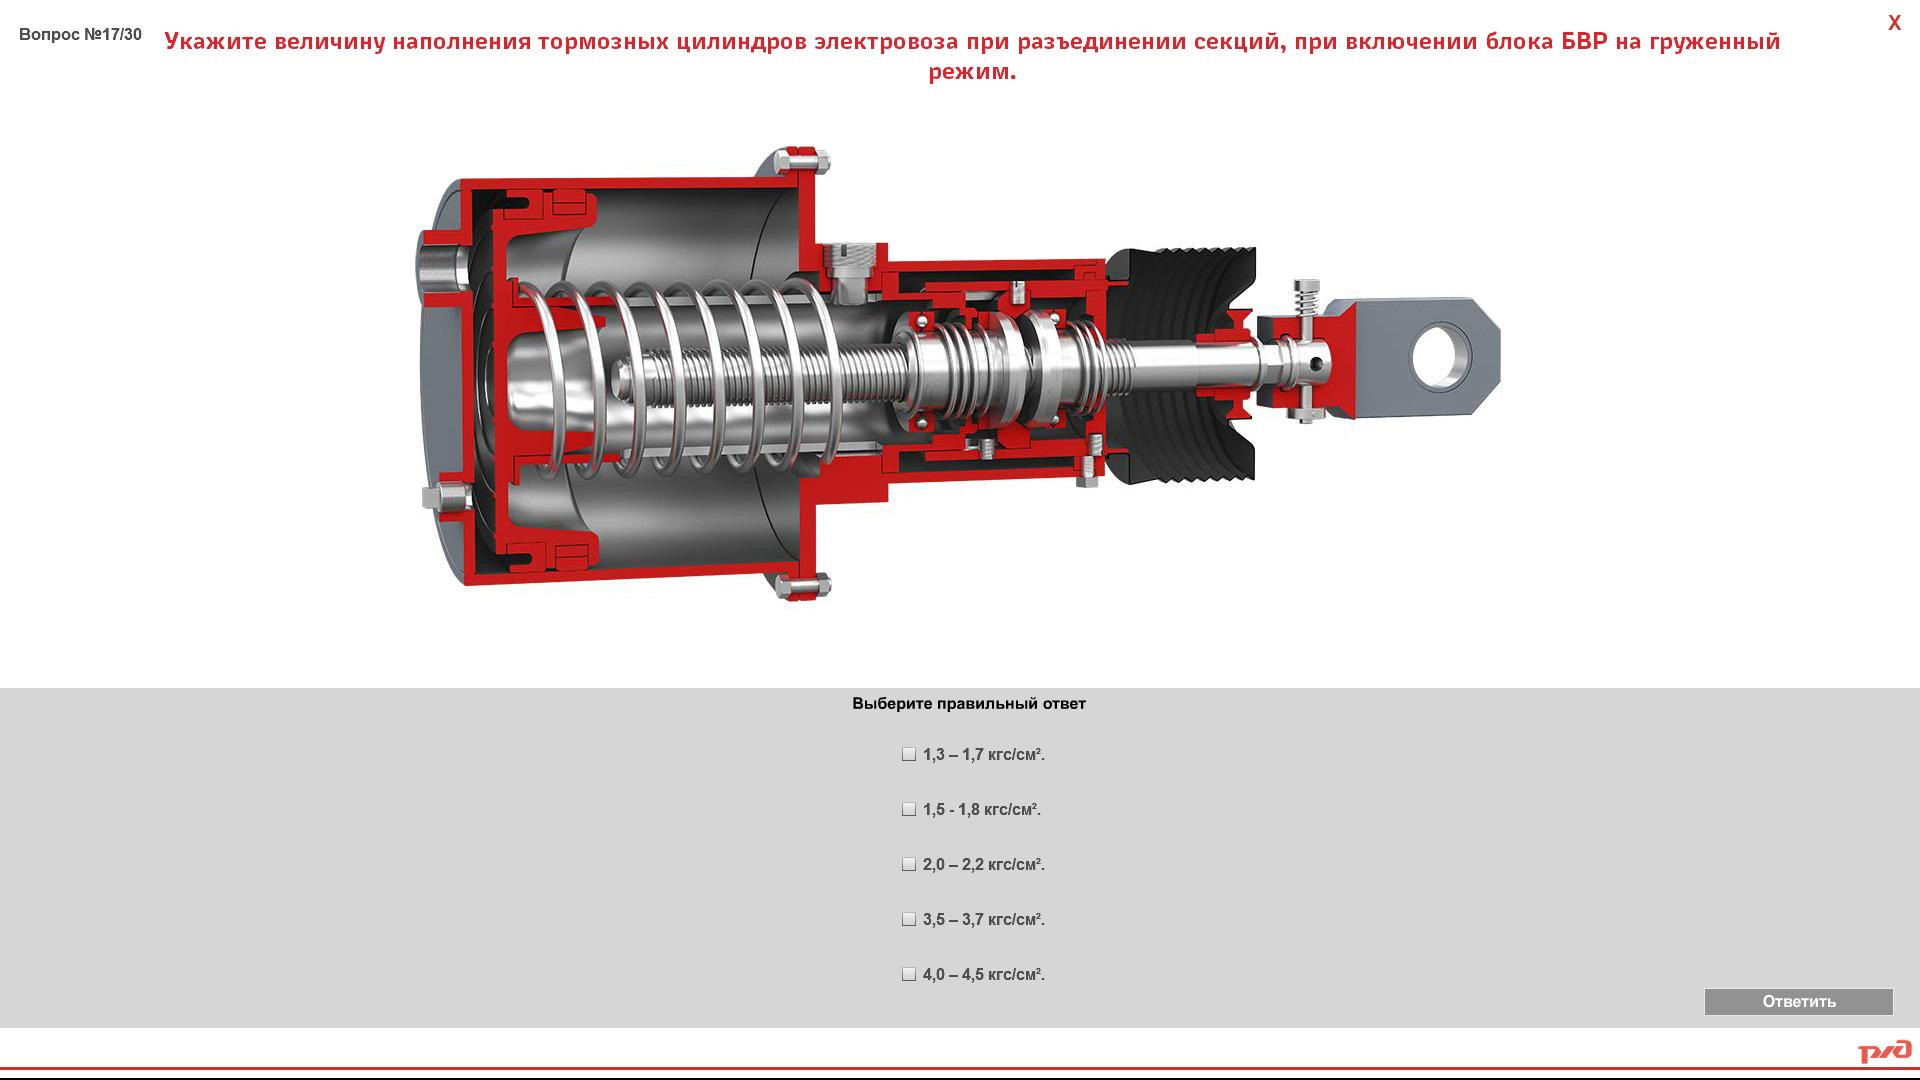 sinara brake 19 Электронный учебный комплекс «Устройство и эксплуатация тормозного оборудования электровозов нового поколения 2ЭС6 «Синара»